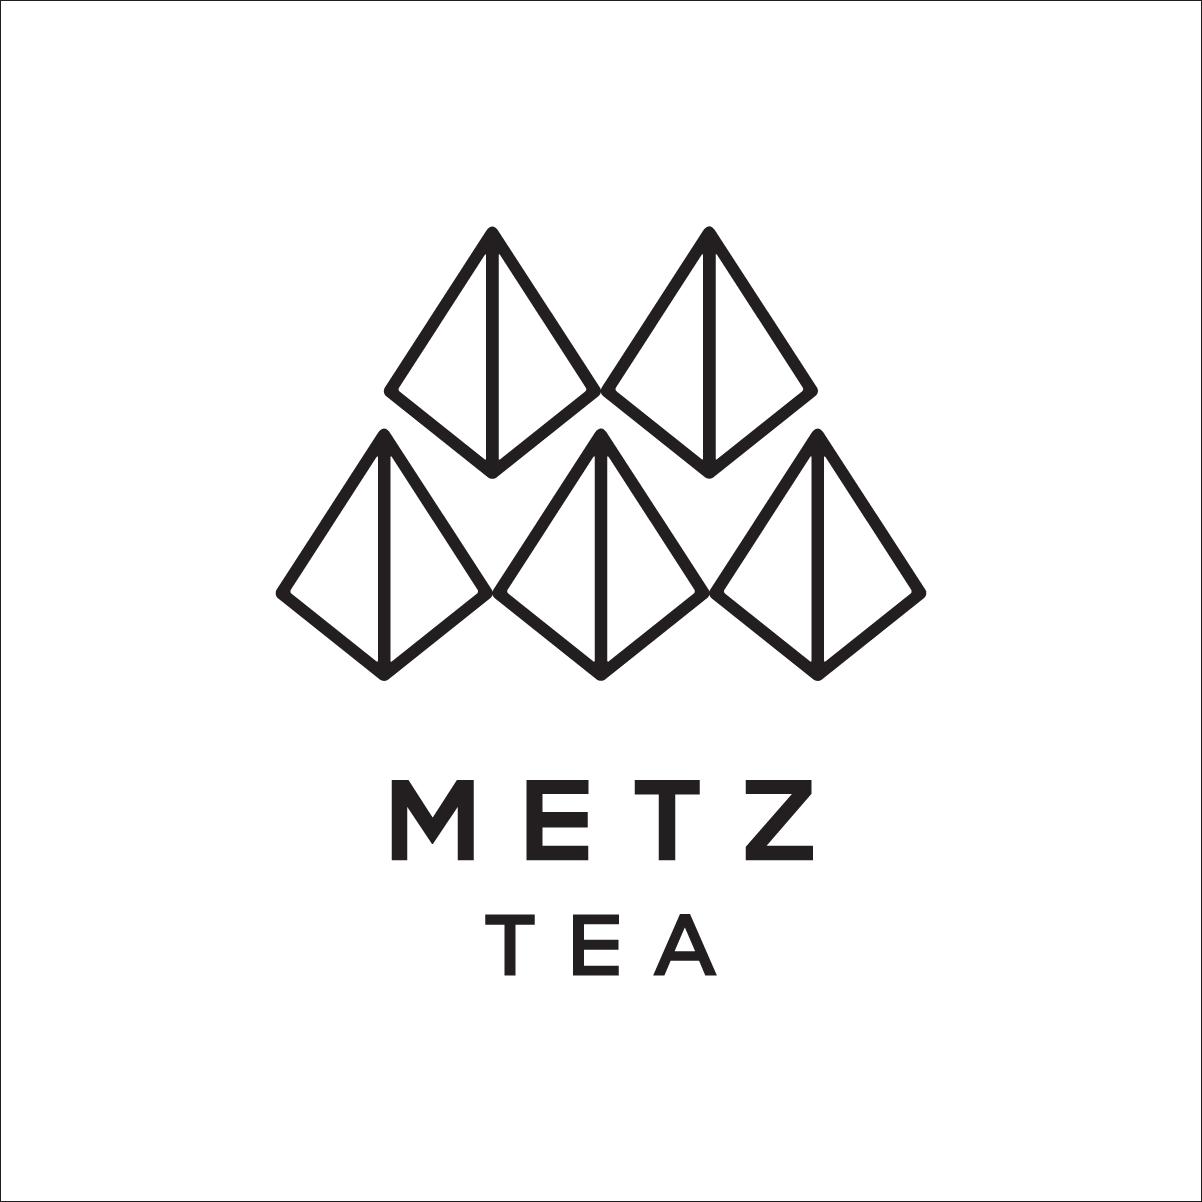 METZ Luxury Tea